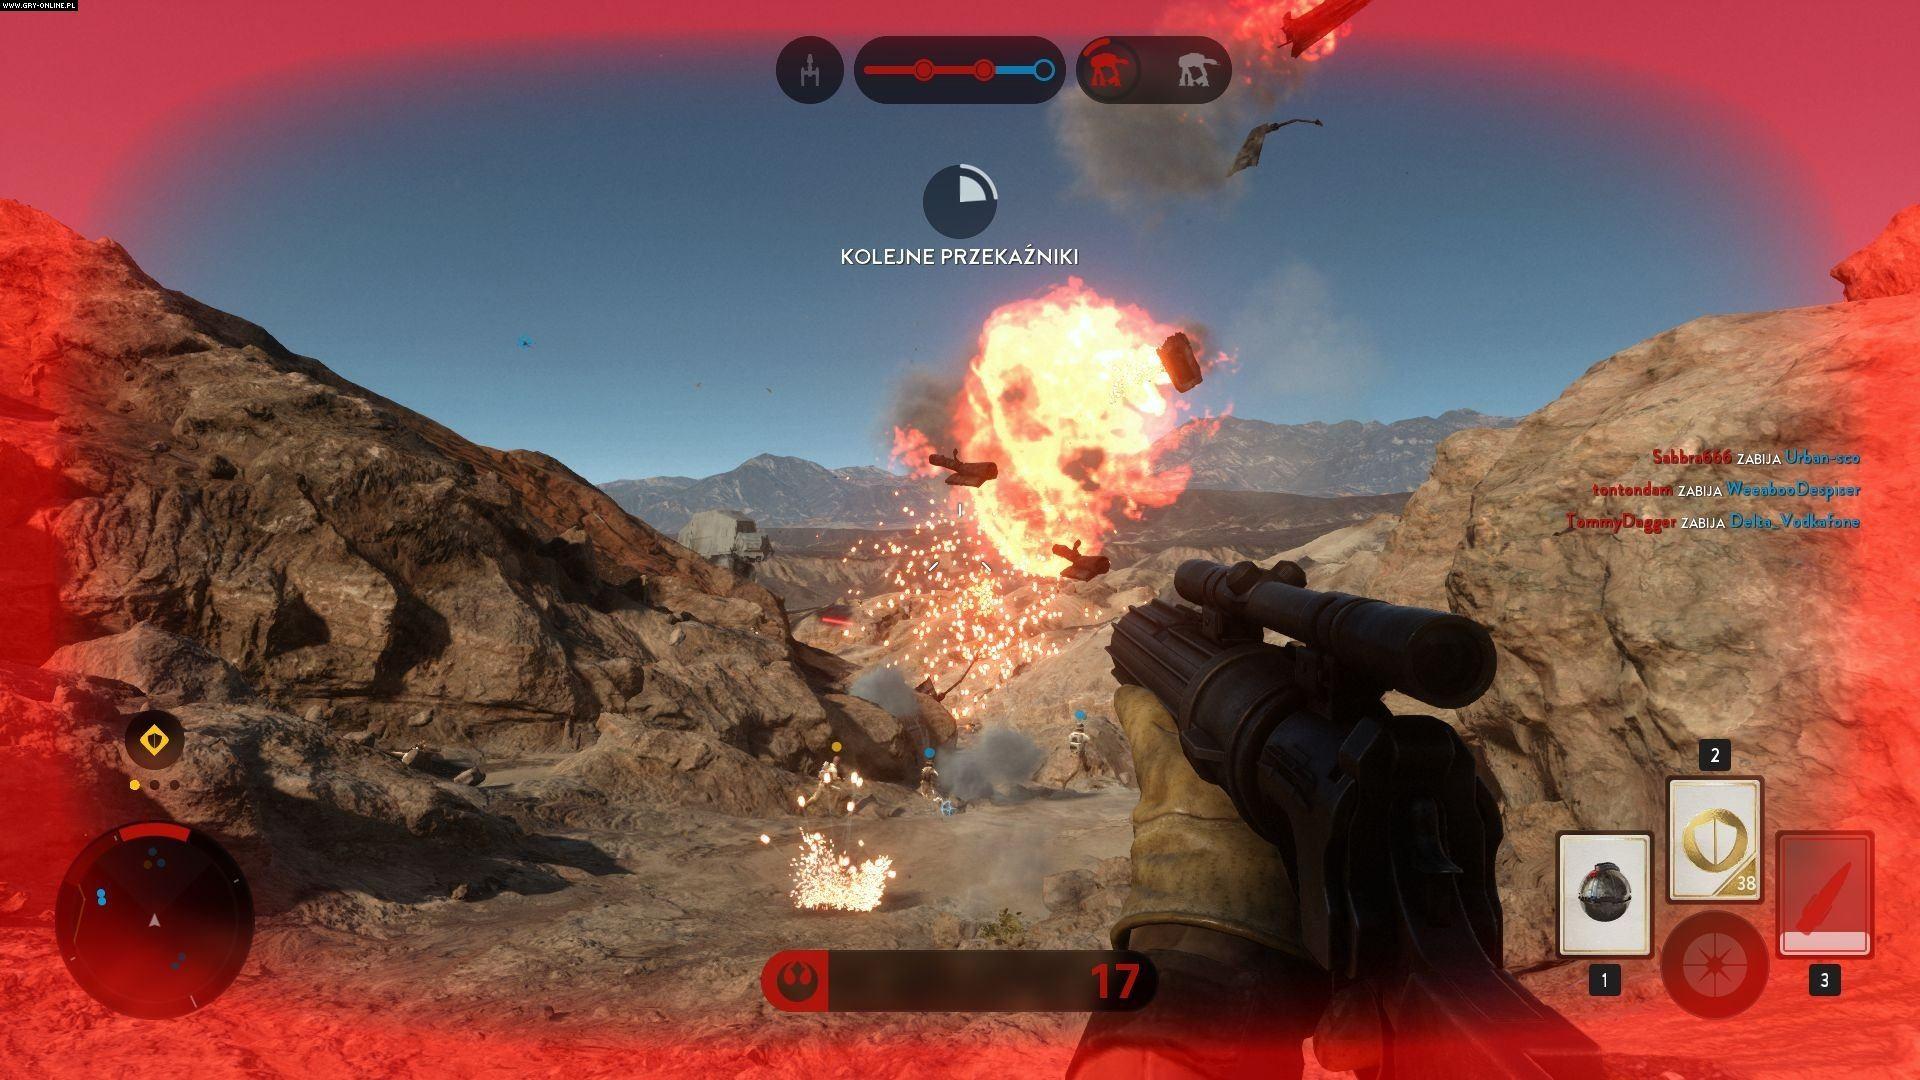 Star Wars Battlefront image #3